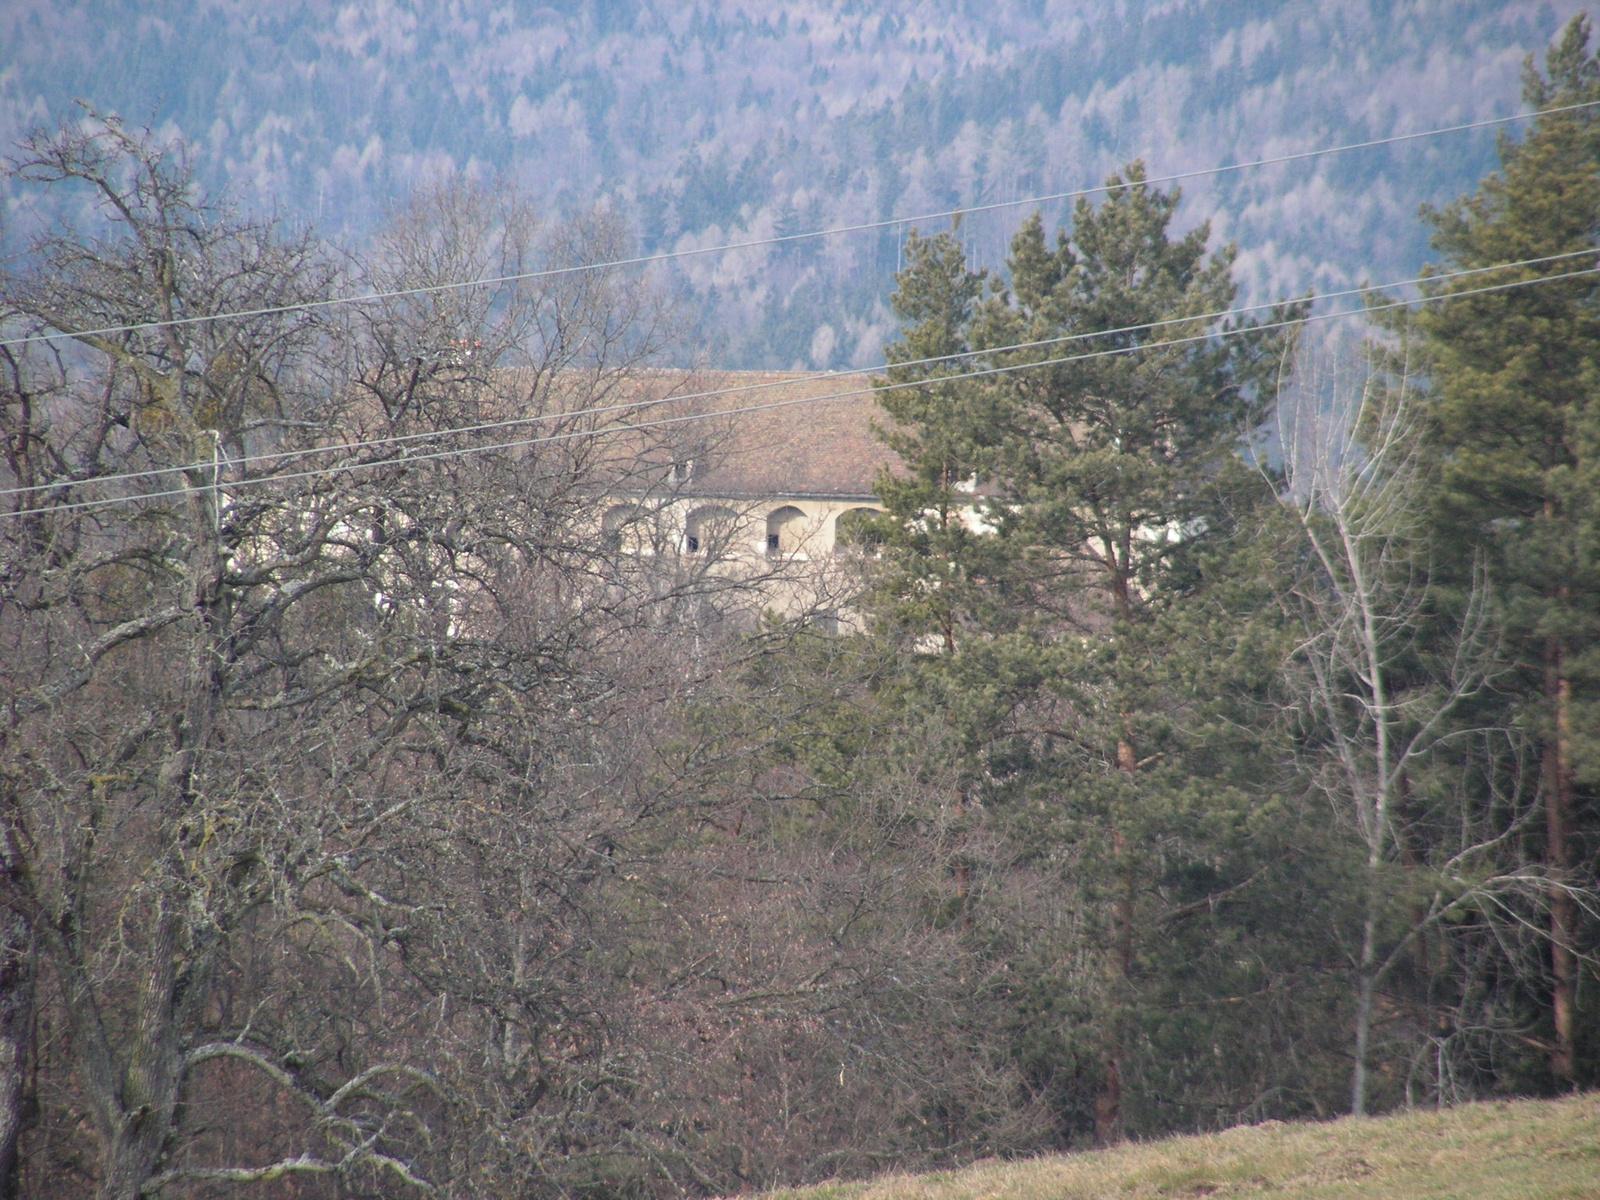 Ausztria, Raabklamm (Rába szurdok), SzG3